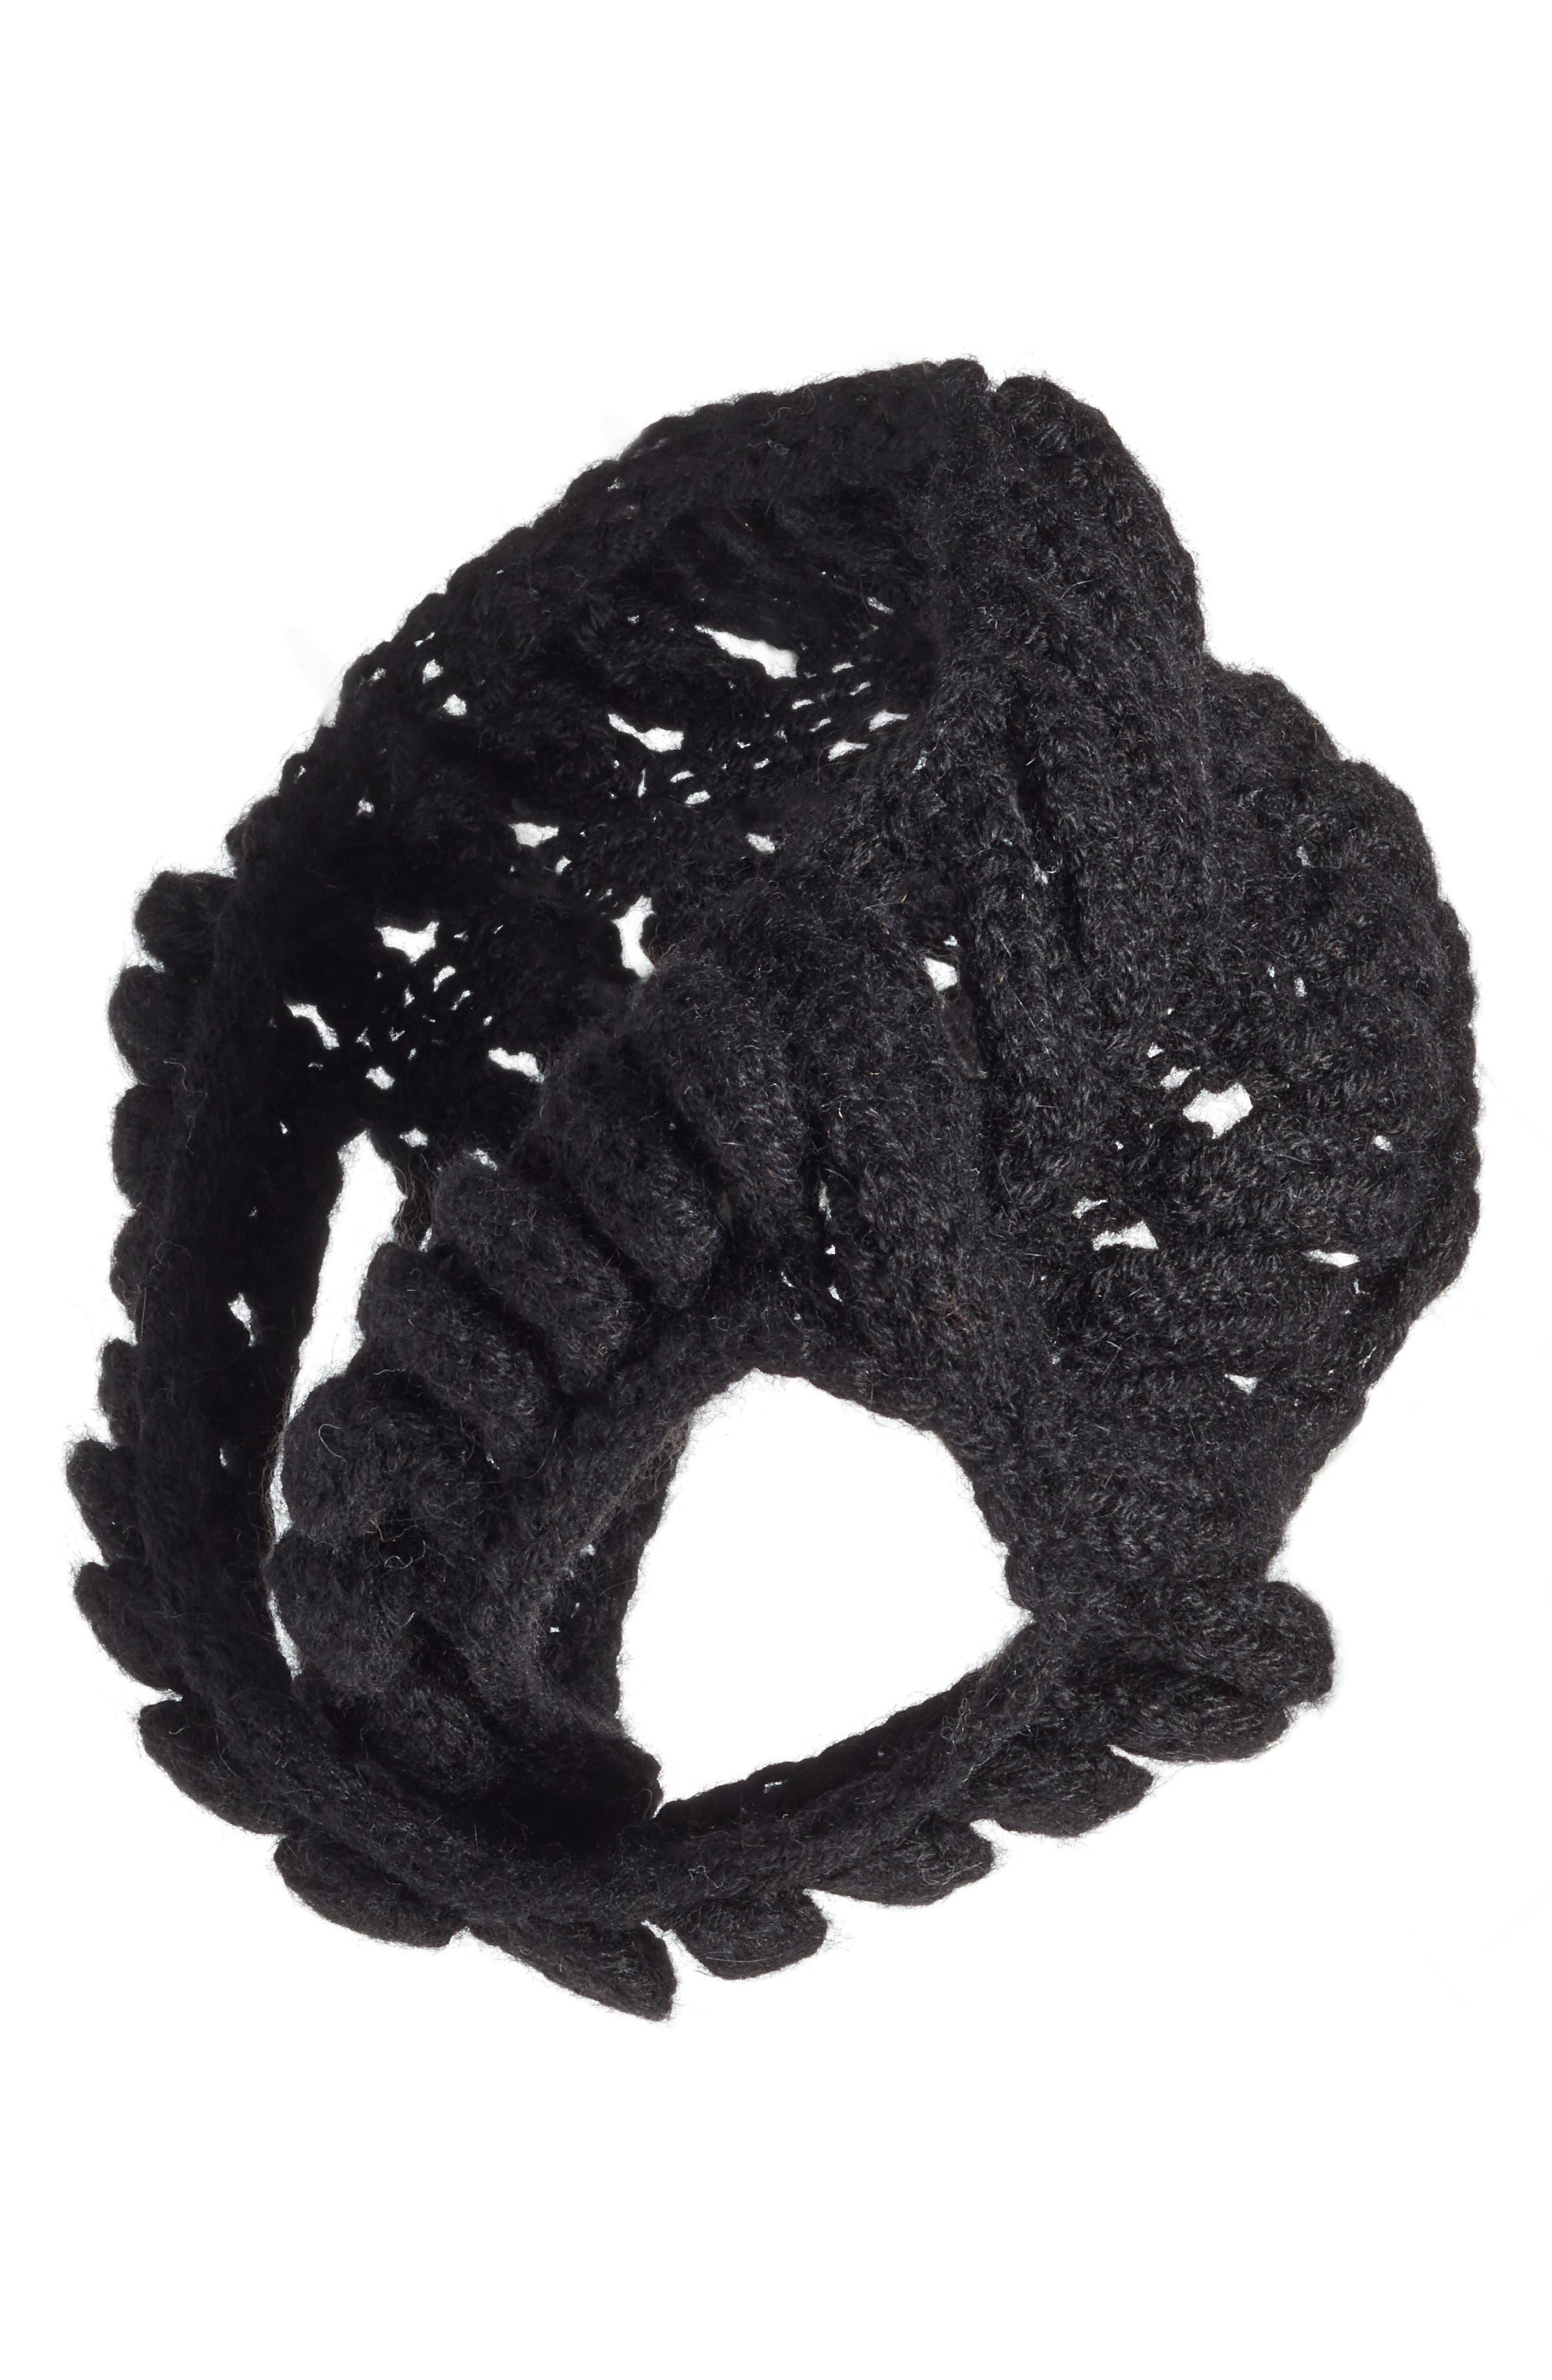 Soho Alpaca Headband,                         Main,                         color, Black